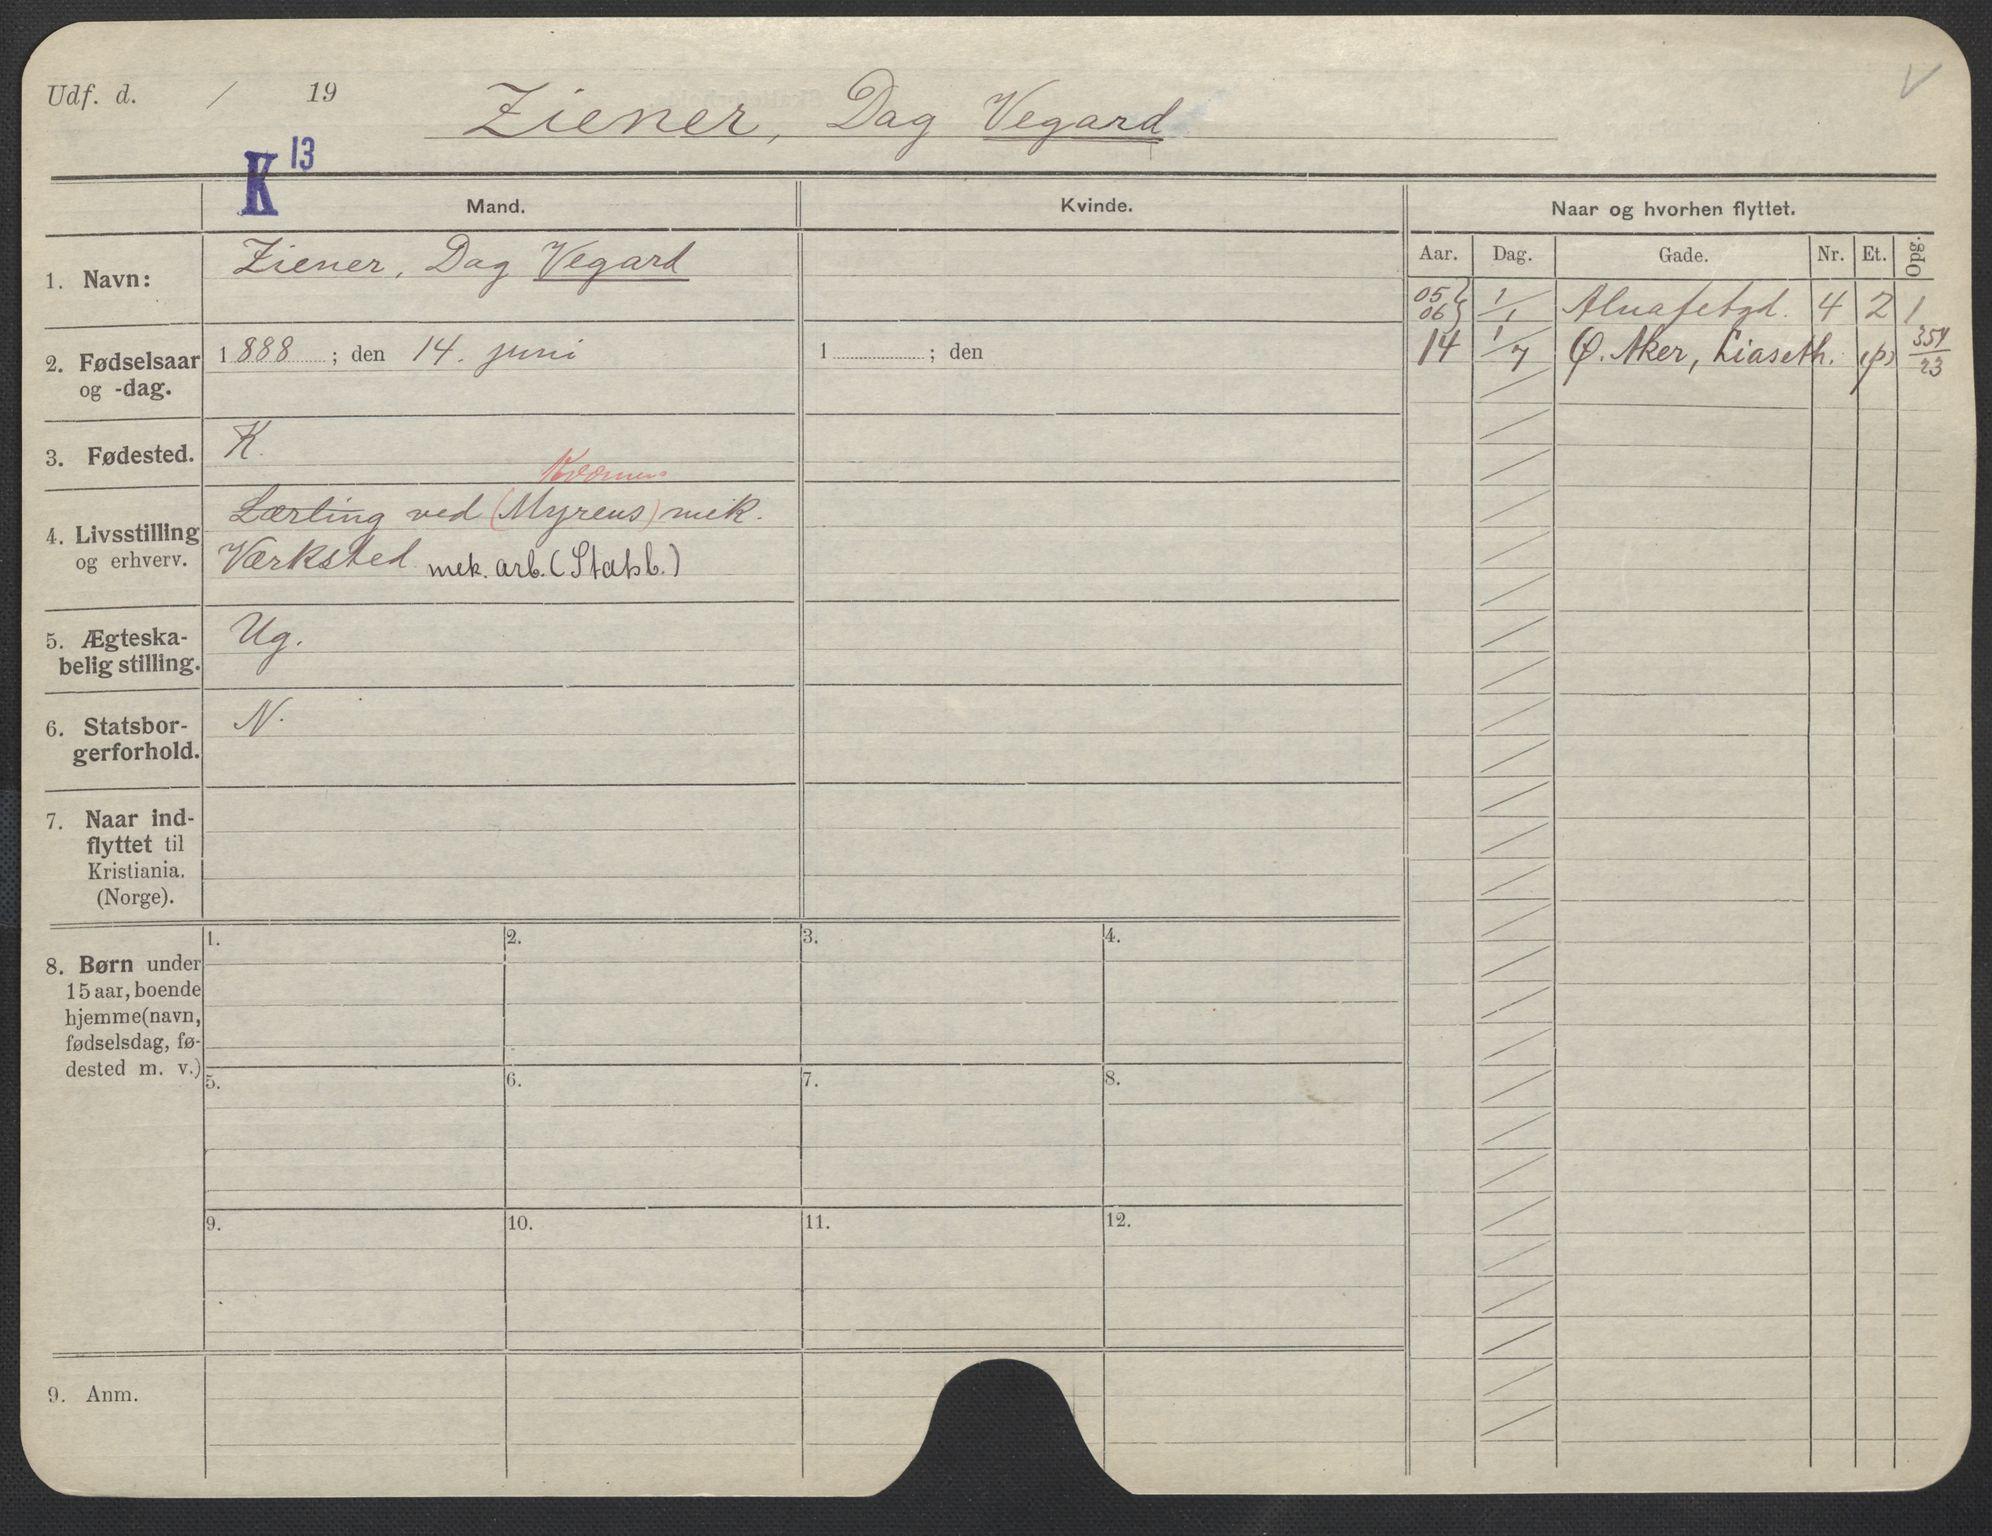 SAO, Oslo folkeregister, Registerkort, F/Fa/Fac/L0011: Menn, 1906-1914, s. 1001a